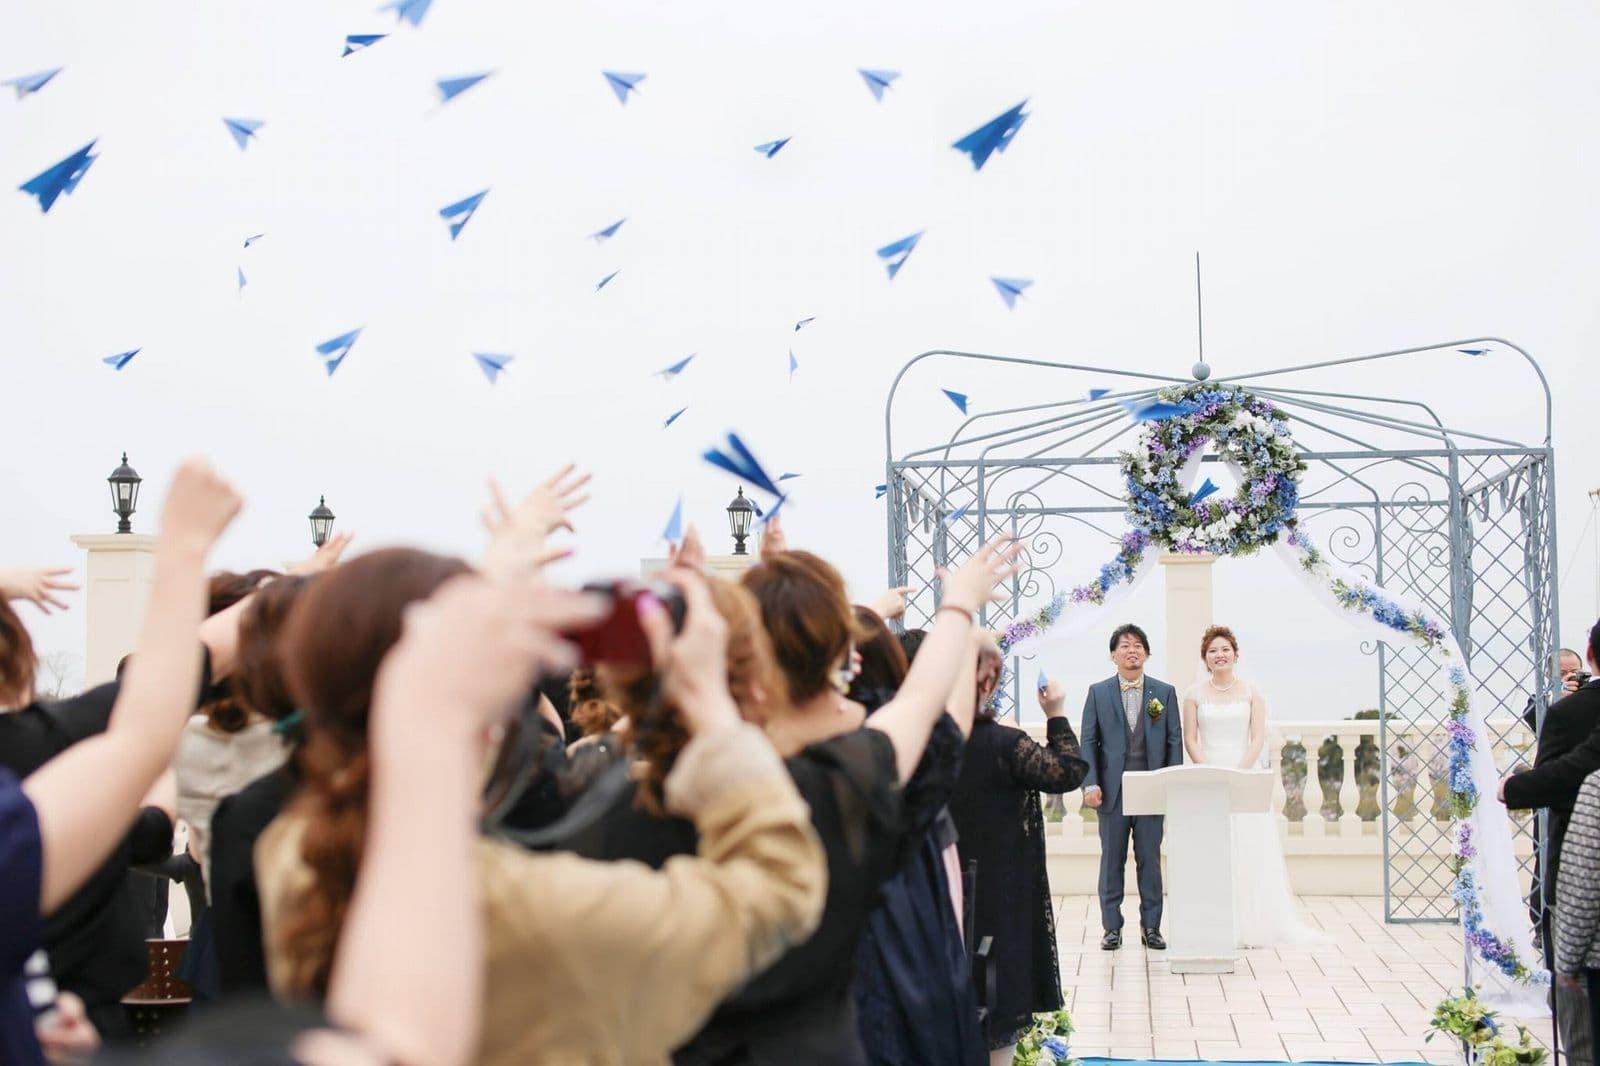 香川県の結婚式場シェルエメール&アイスタイル ガーデン挙式